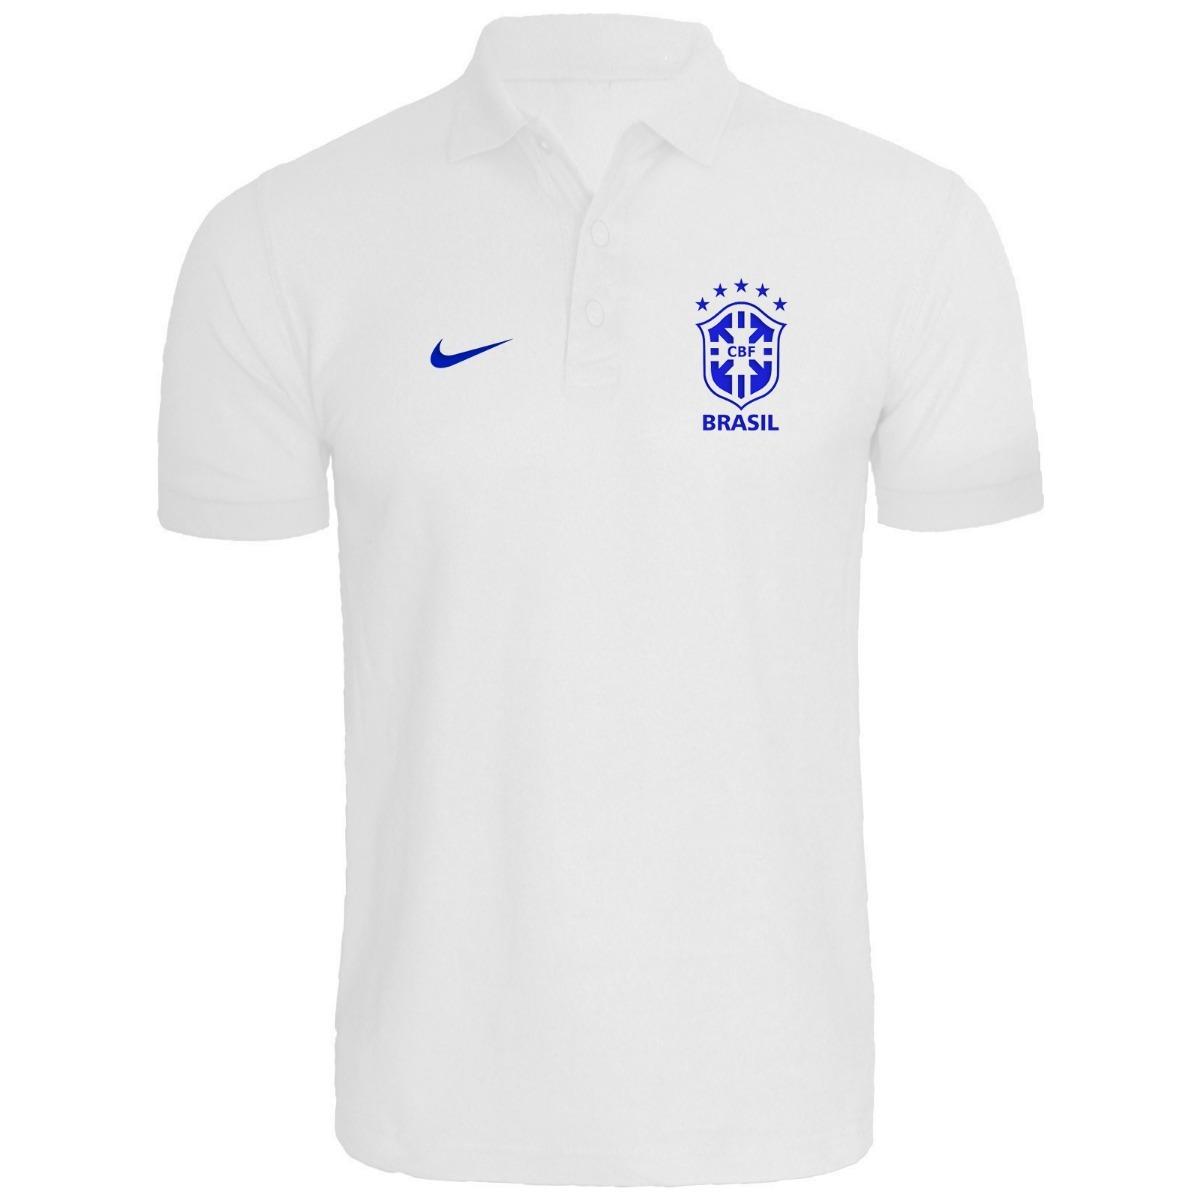 1e12cdd967 camisa polo brasil personalizado. Carregando zoom.